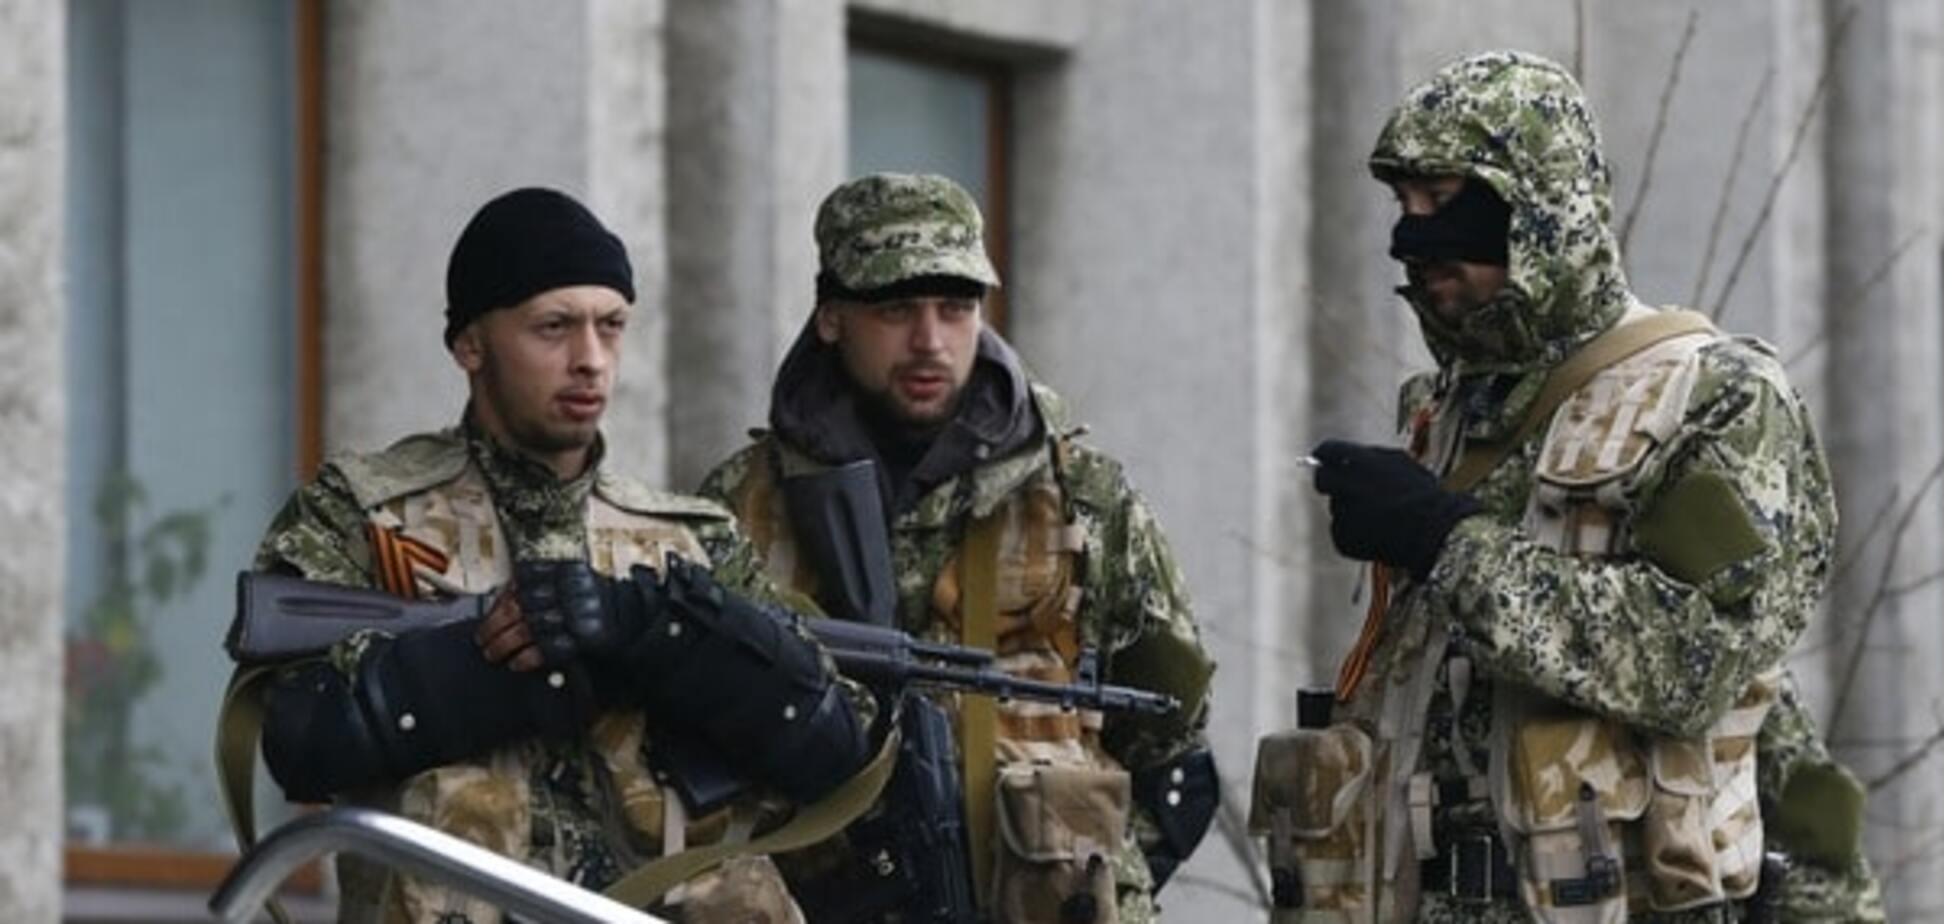 За даними розвідки, терористи 'ДНР' ріжуть один одного і біжать з поля бою